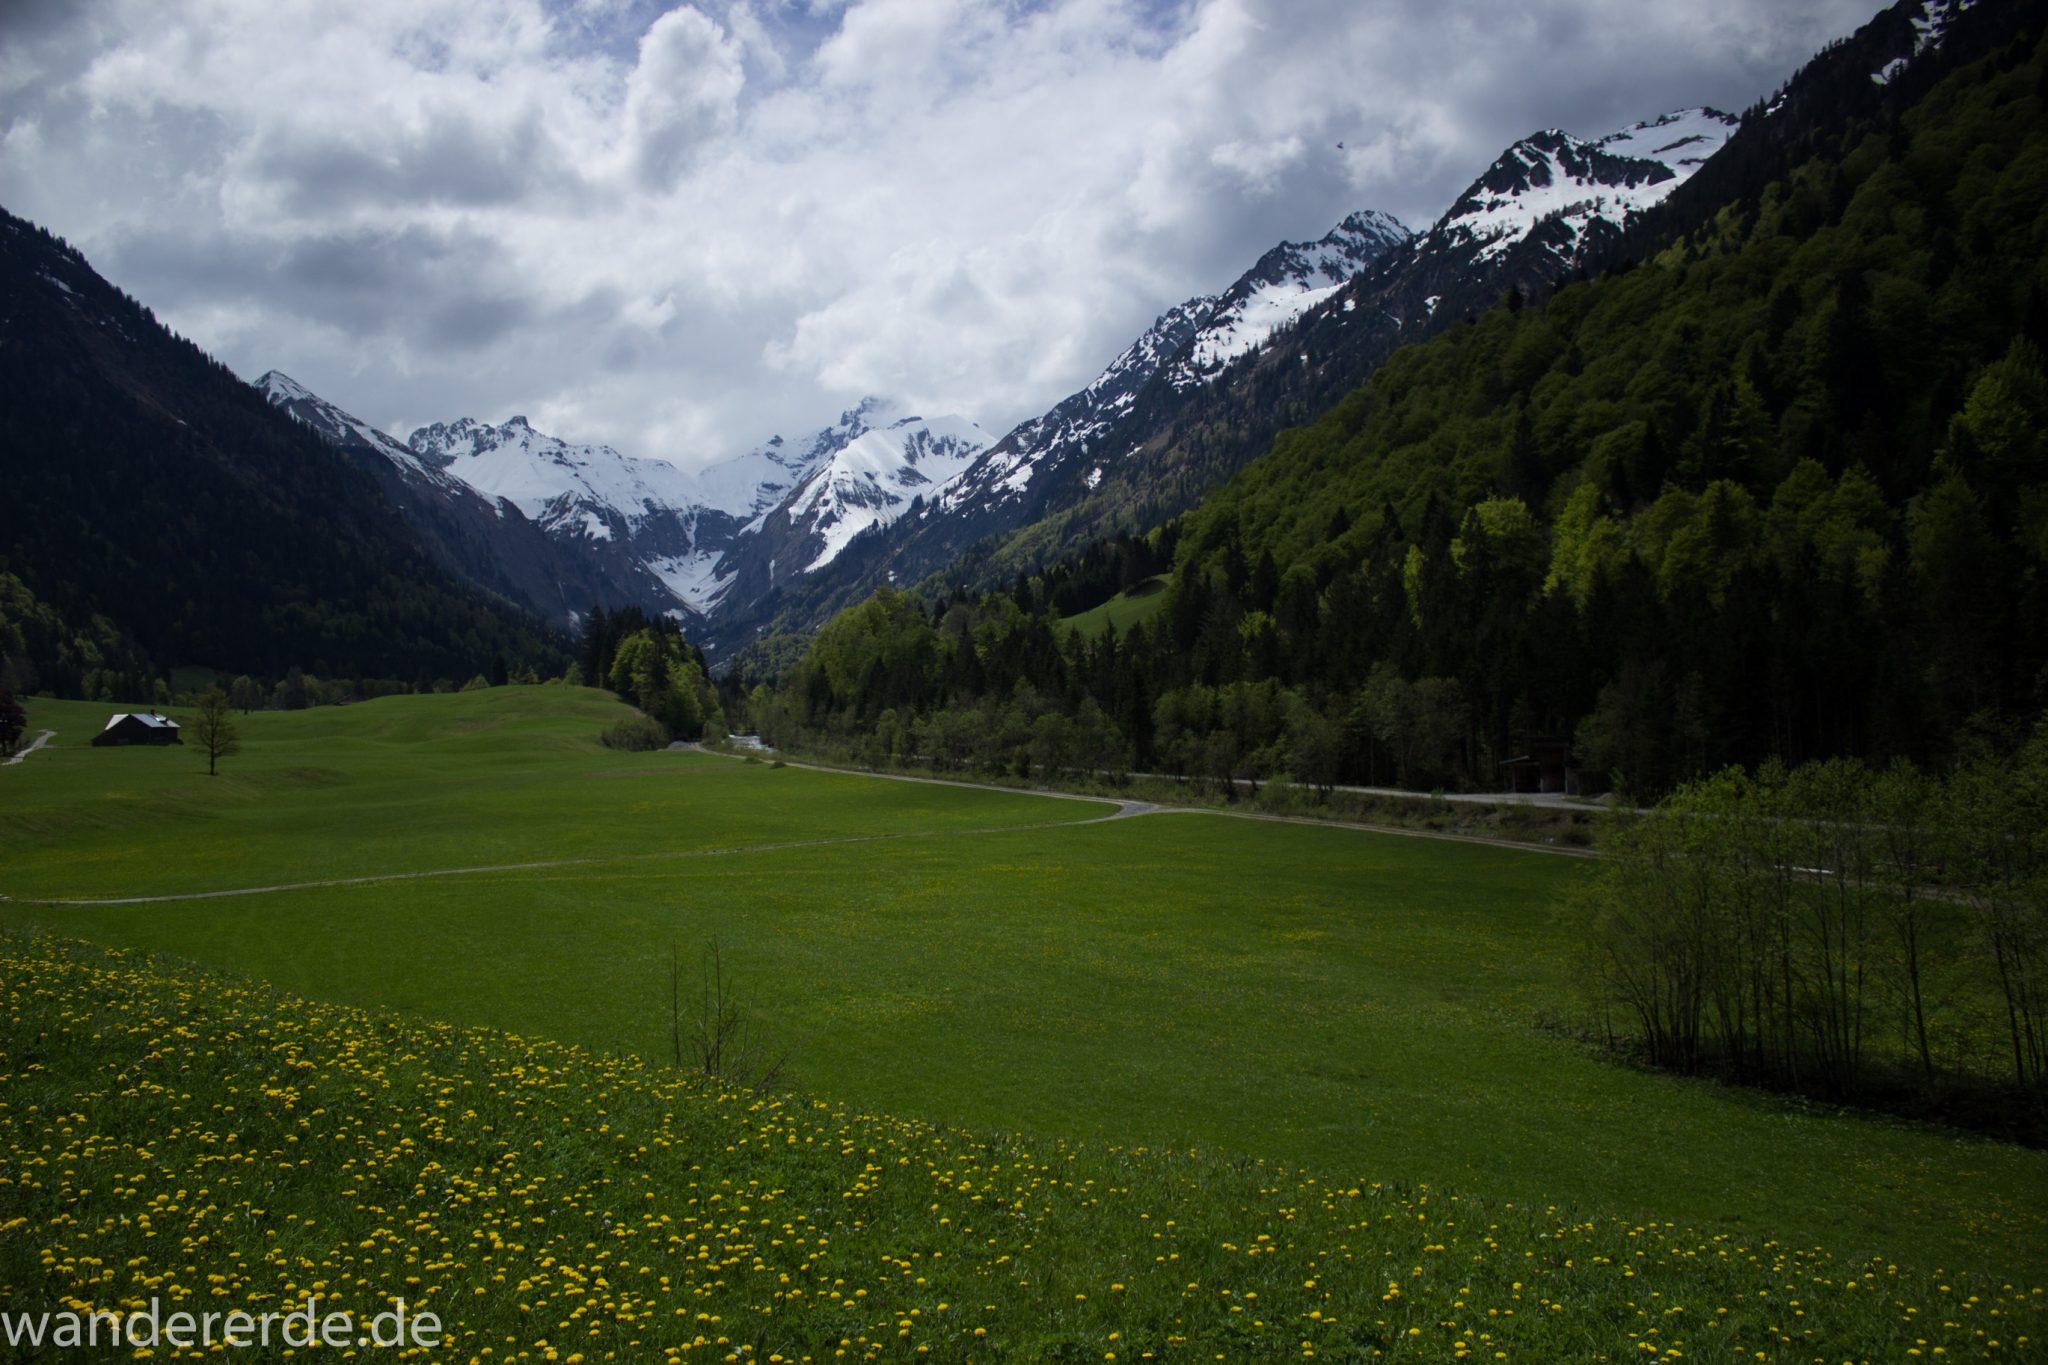 Wanderung Oberstdorf nach Gerstruben im Allgäu, Bayern, Wanderweg durch das Trettachtal, Aussicht auf schneebedeckte Berge, Ufer mit schönen Bäumen, sattgrüne Wiesen und Wälder, Frühling in den Bergen